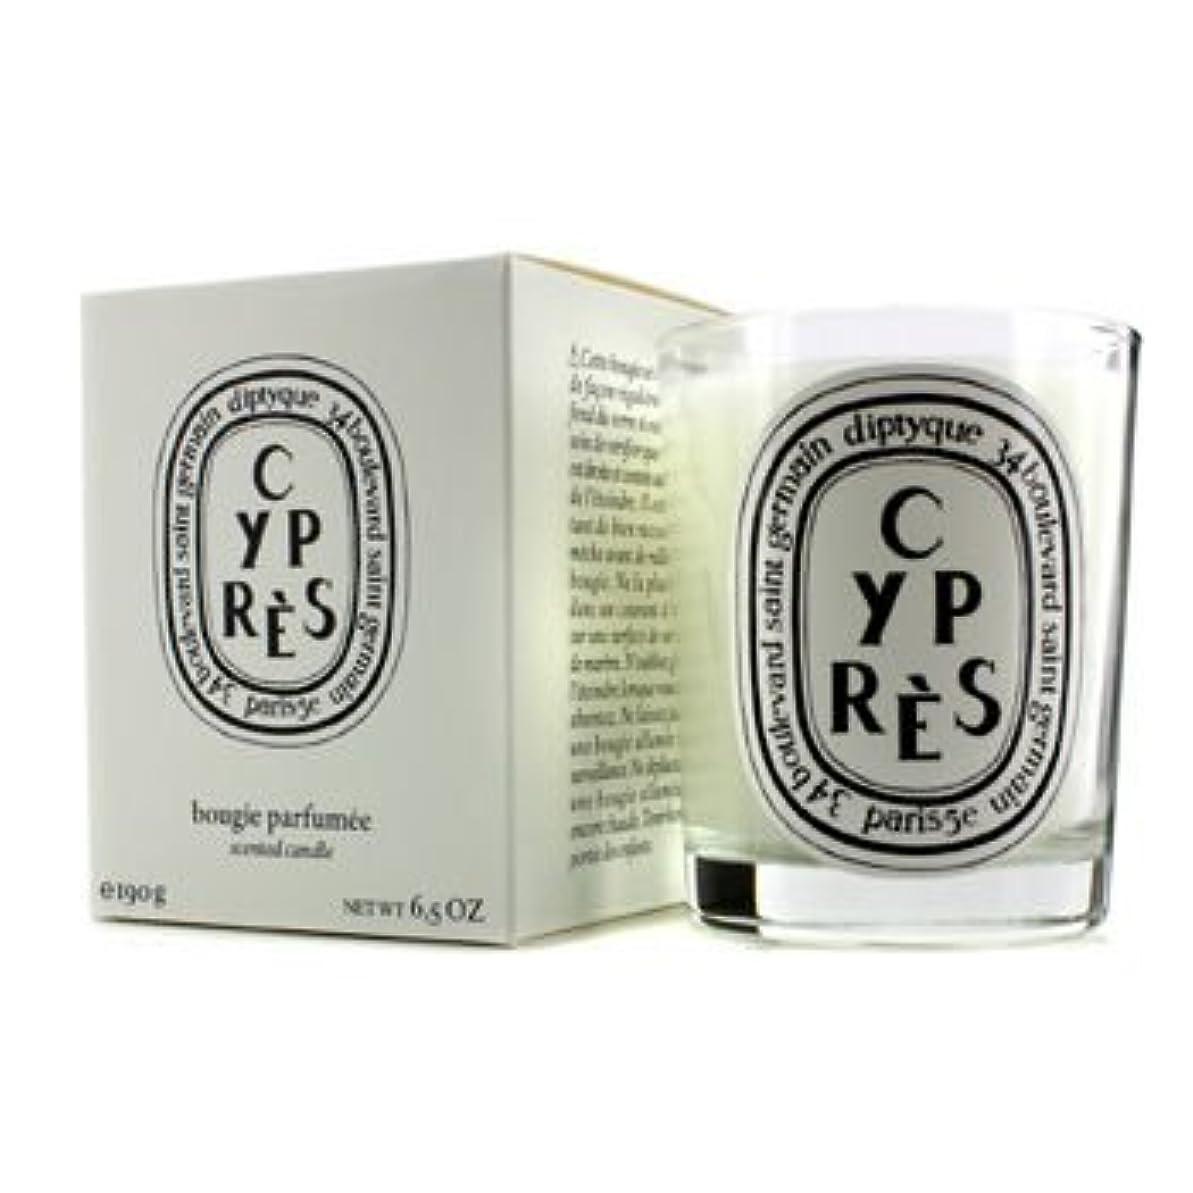 フレッシュ沿って追い出す[Diptyque] Scented Candle - Cypres (Cypress) 190g/6.5oz